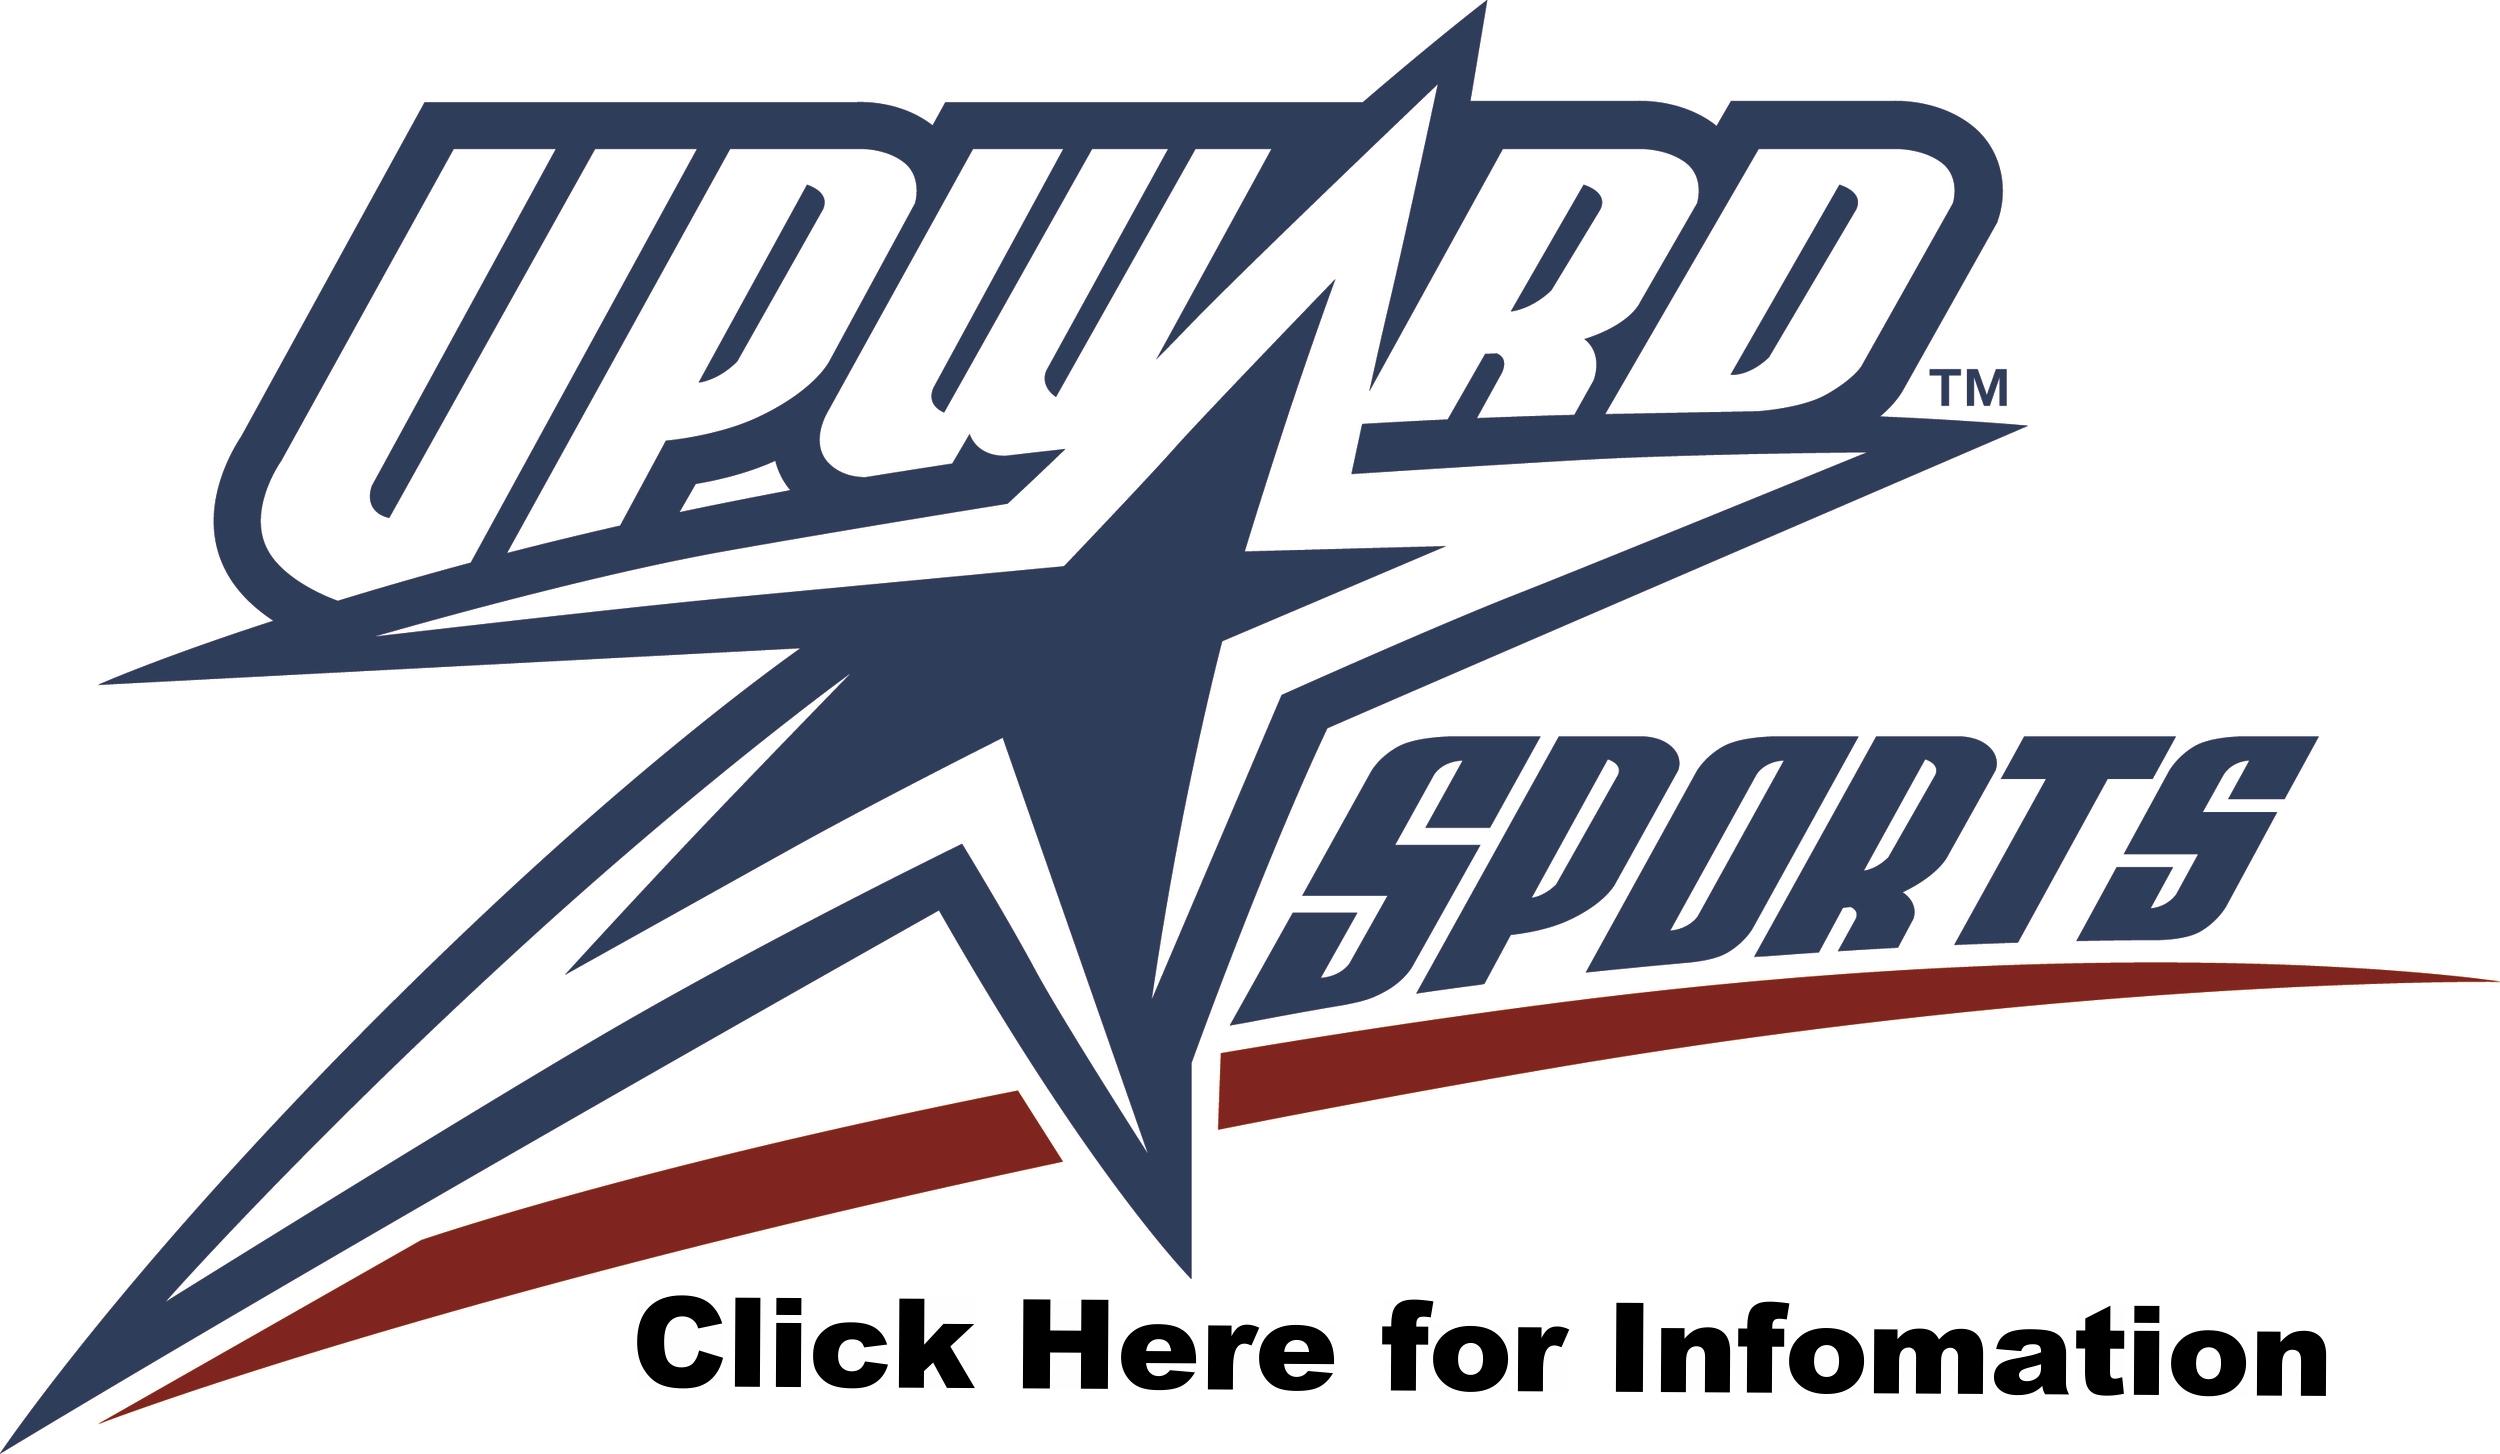 Upward-Logo-2009-Color-BlueStar-RedSlash.jpg